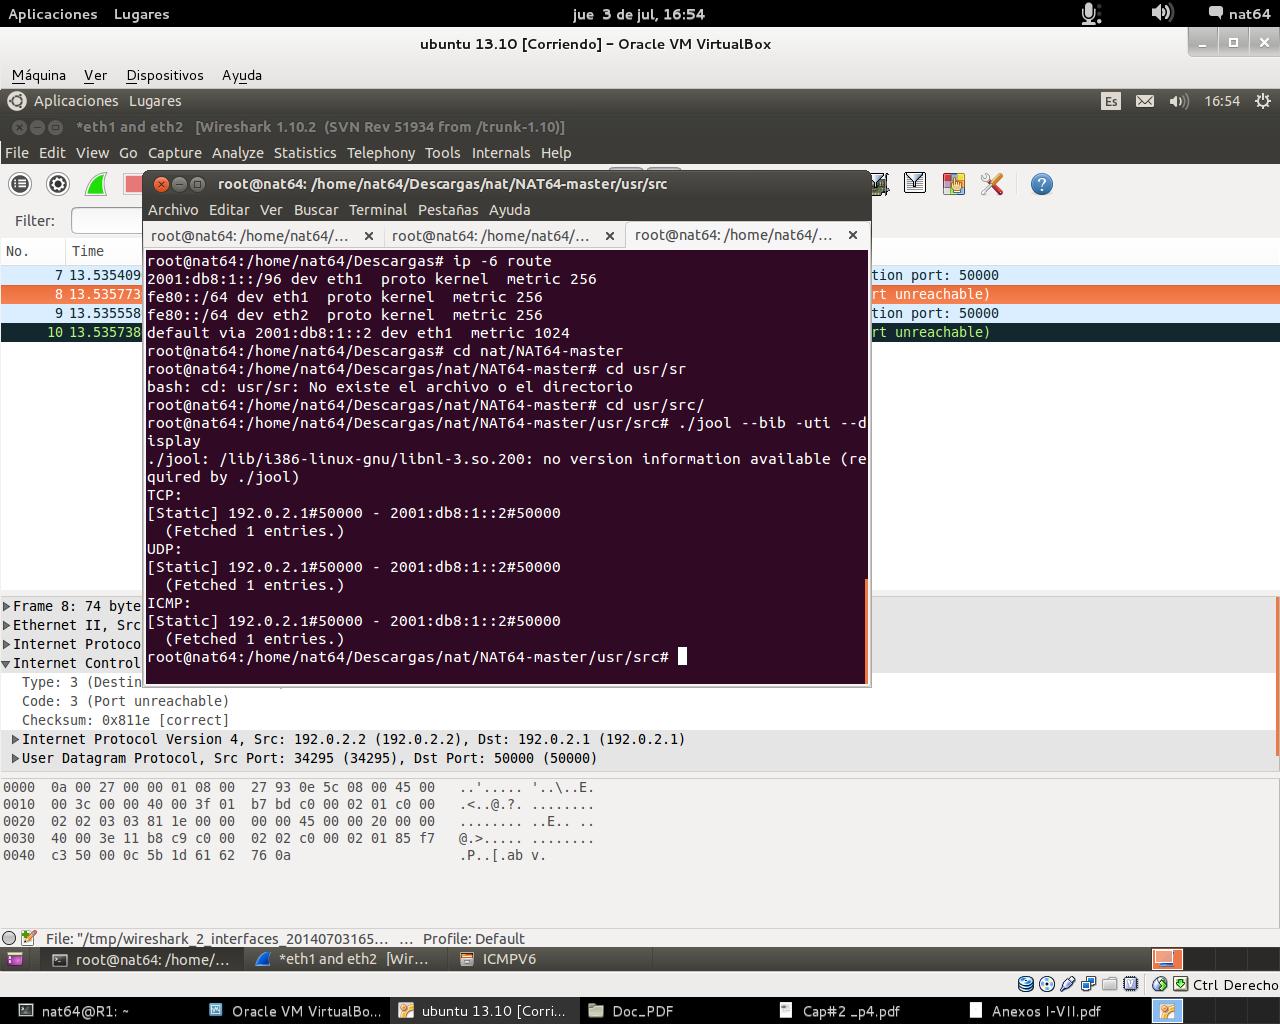 captura de pantalla de 2014-07-03 16 54 03